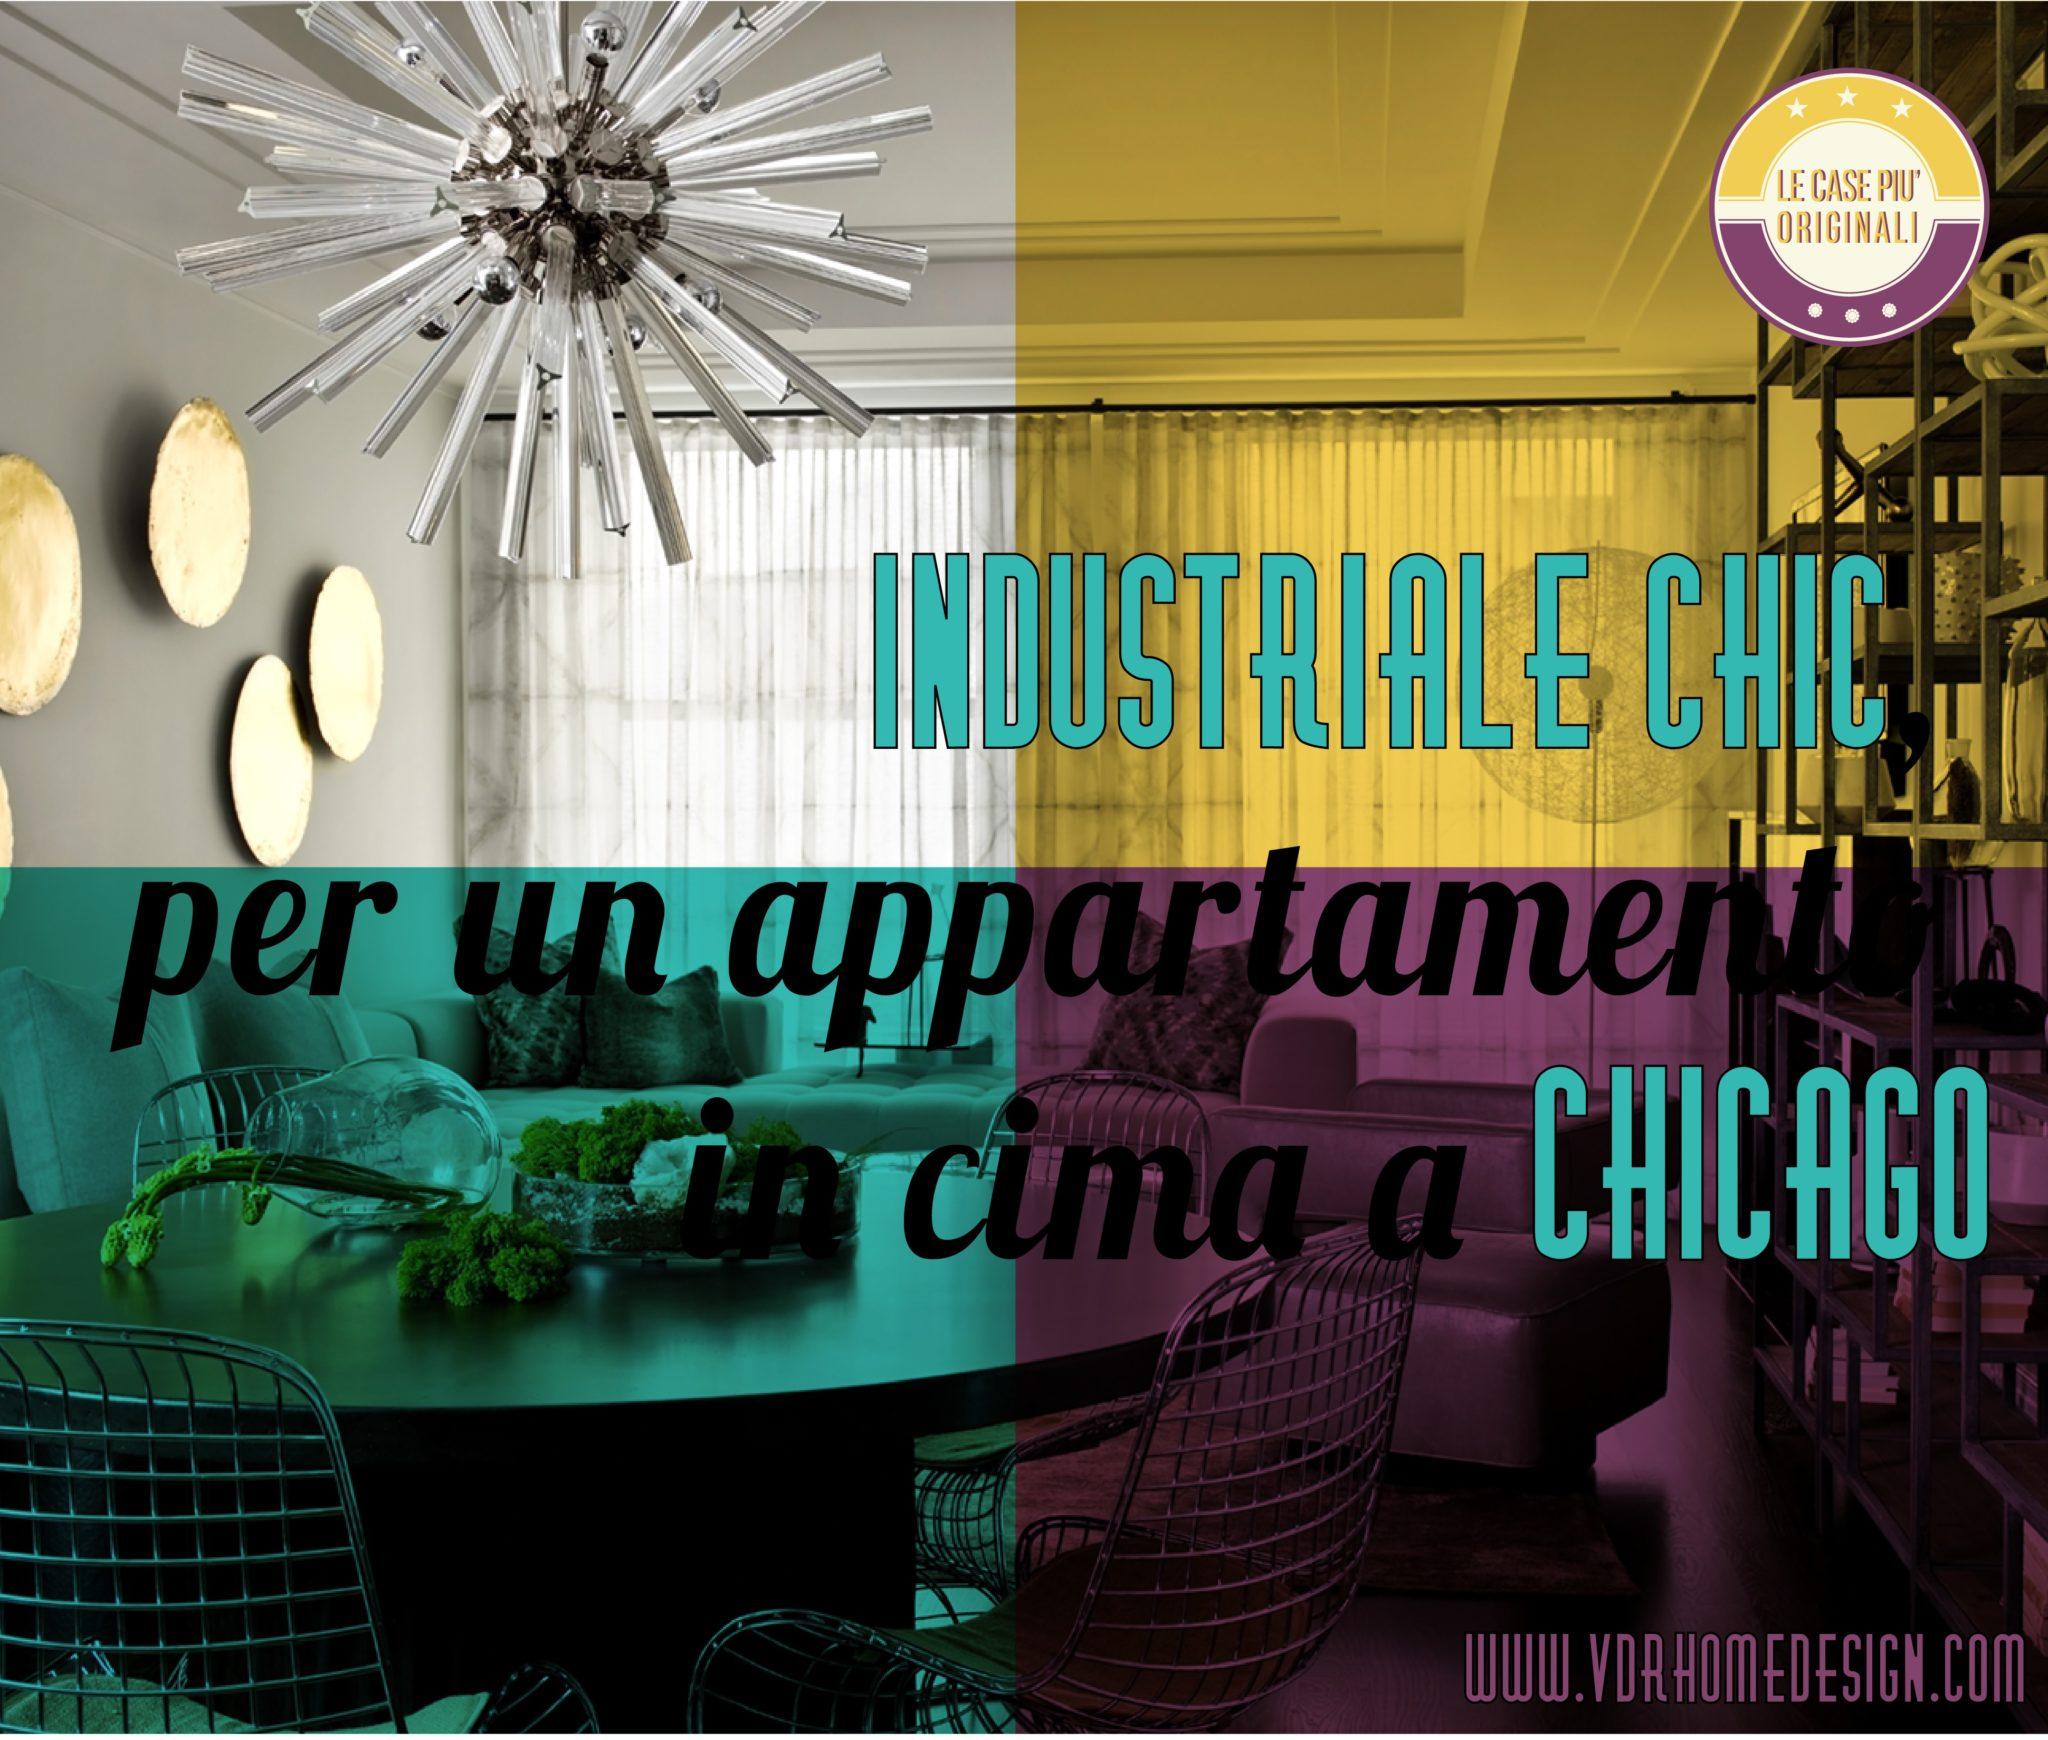 Industriale chic per un appartamento in cima a chicago for Appartamento design industriale